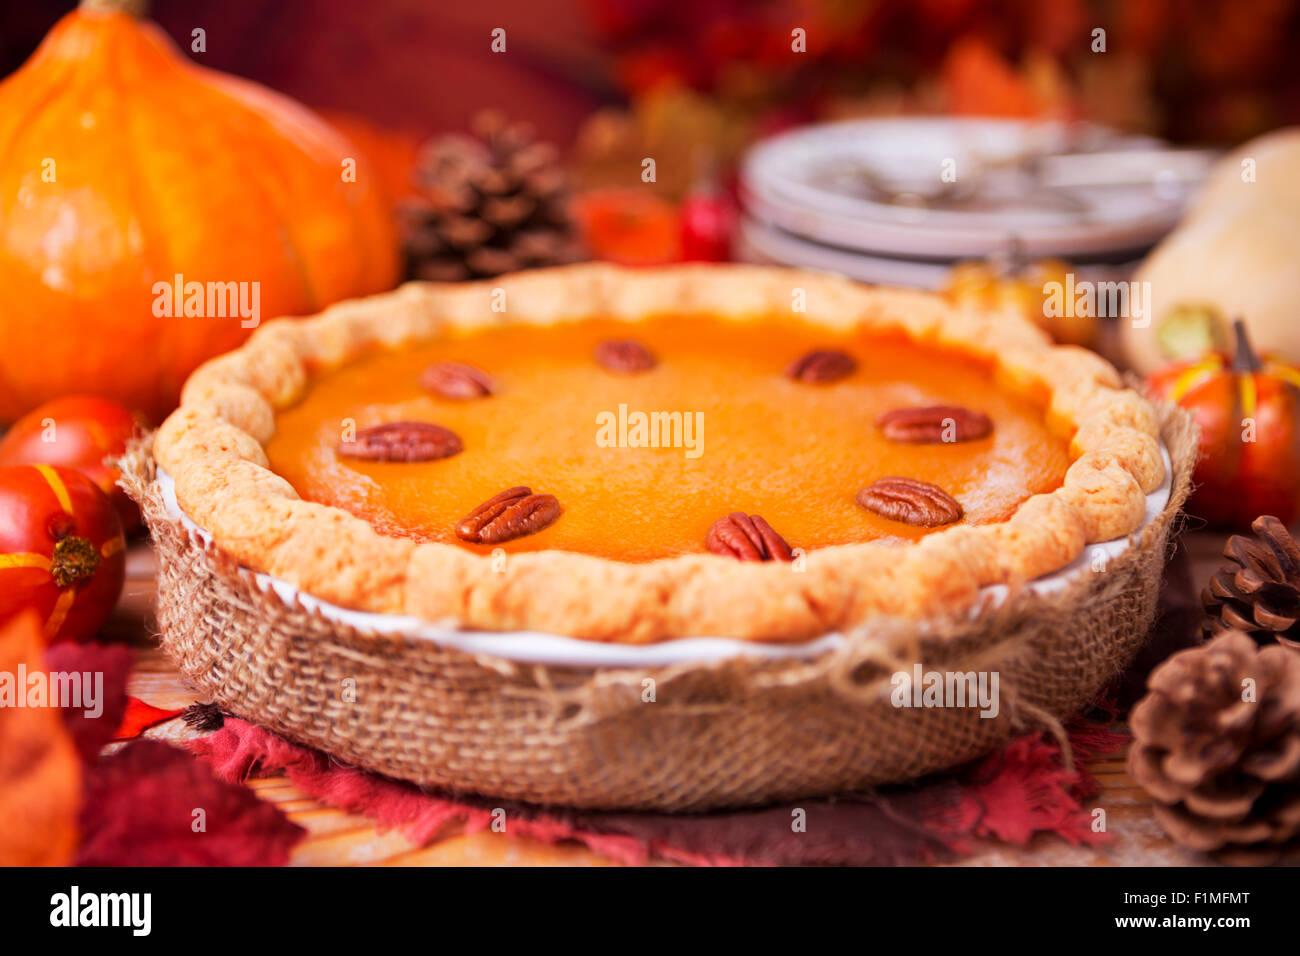 Une délicieuse tarte à la citrouille faits maison sur une table rustique avec des décorations d'automne. Photo Stock